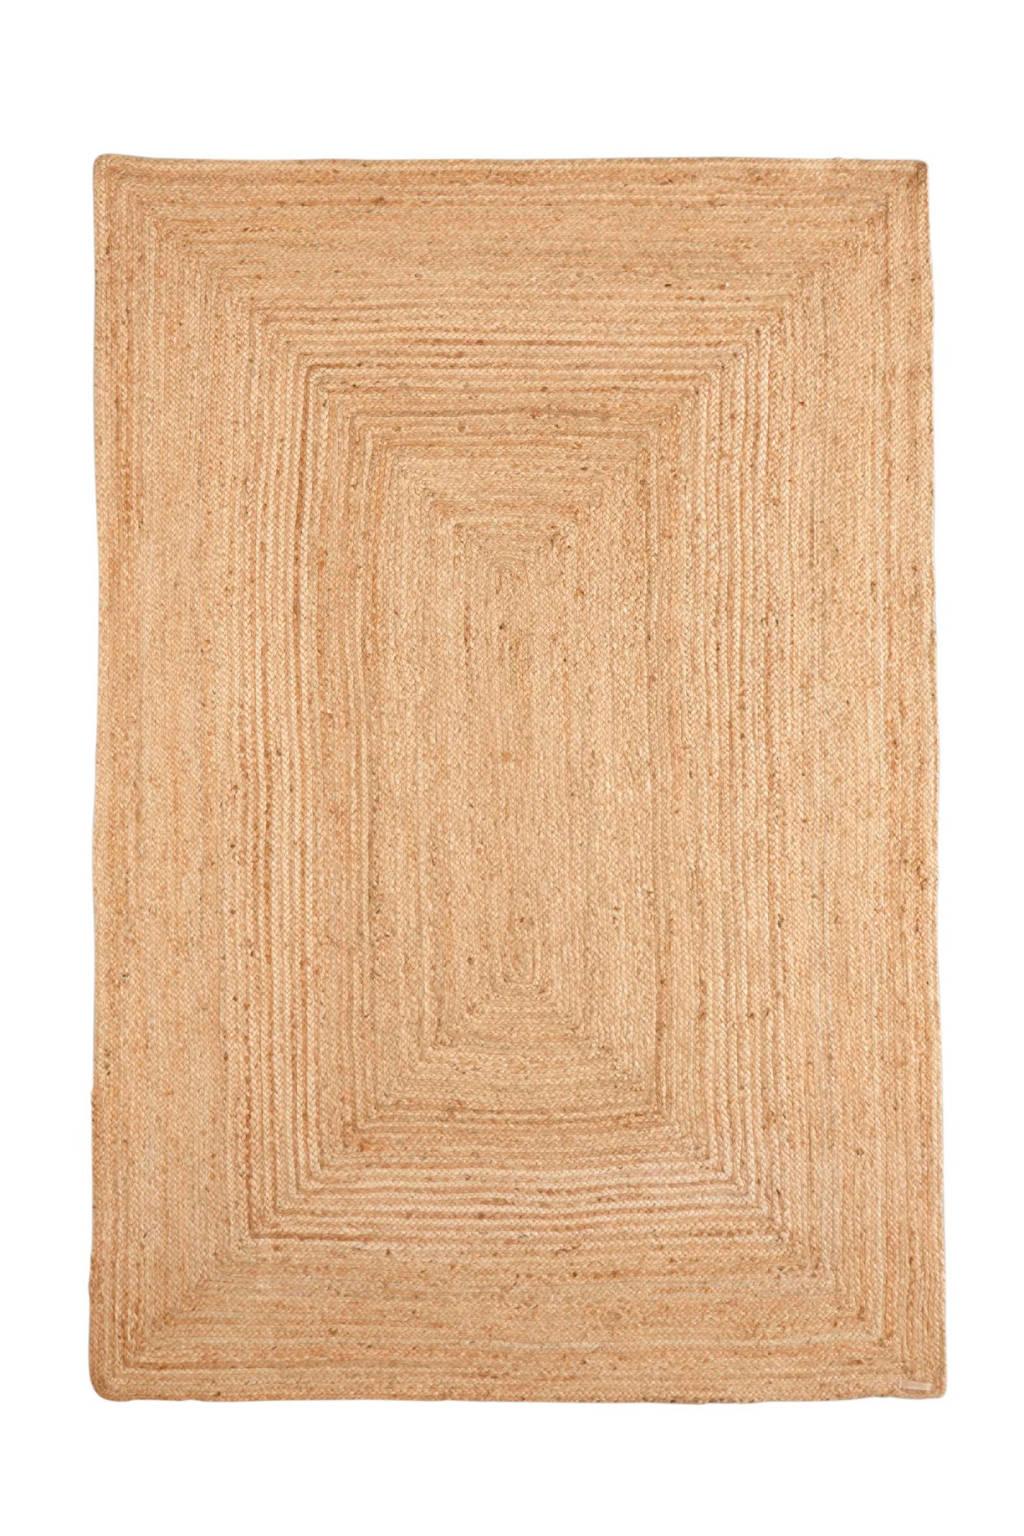 Bloomingville vloerkleed  (200x140 cm)